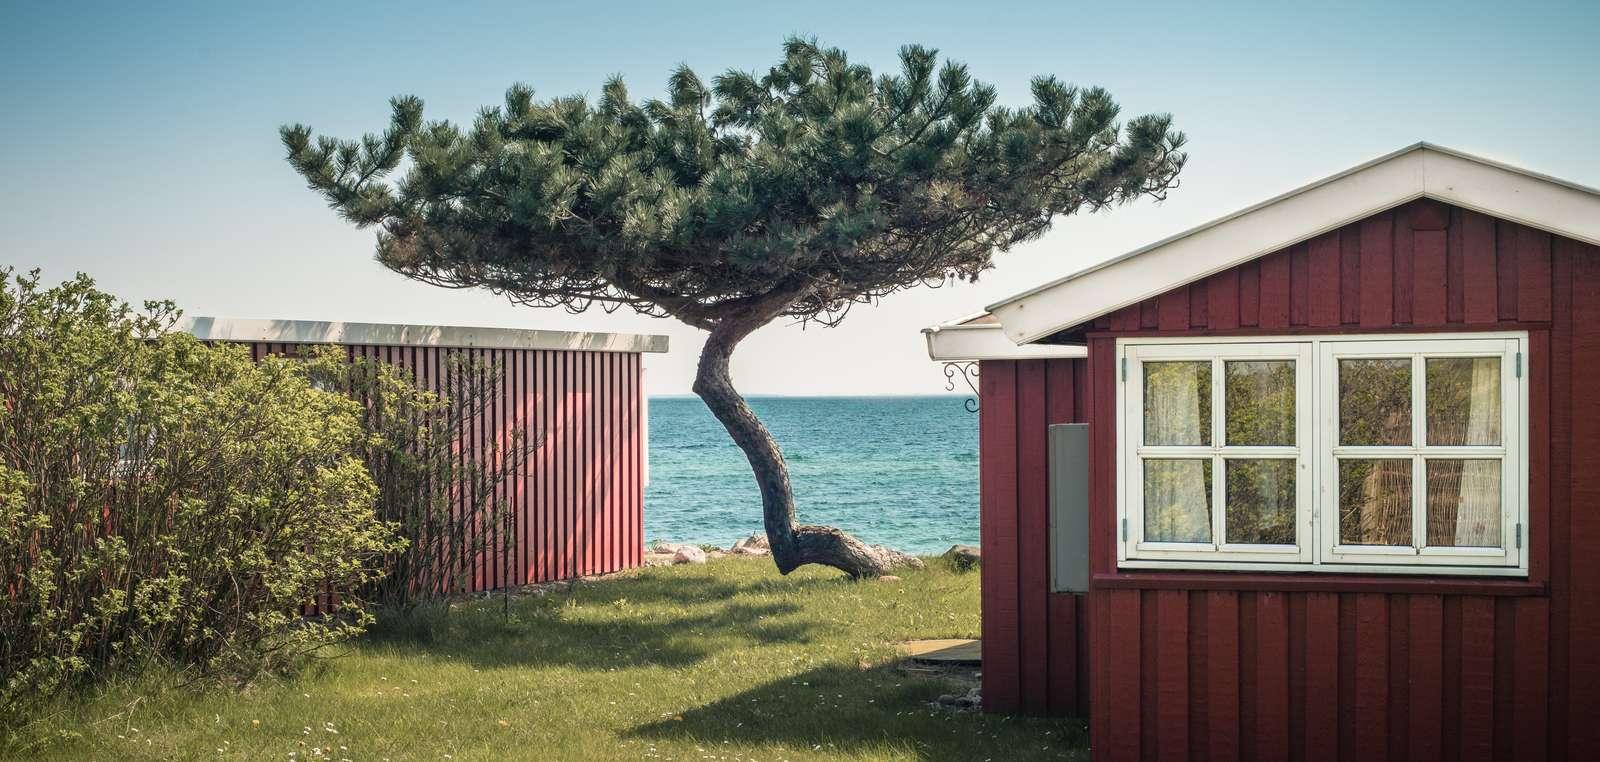 Der bliver ekstra tryk på de danske sommerhuse i højsæsonen. (Foto: VisitSydsjælland-Møn)